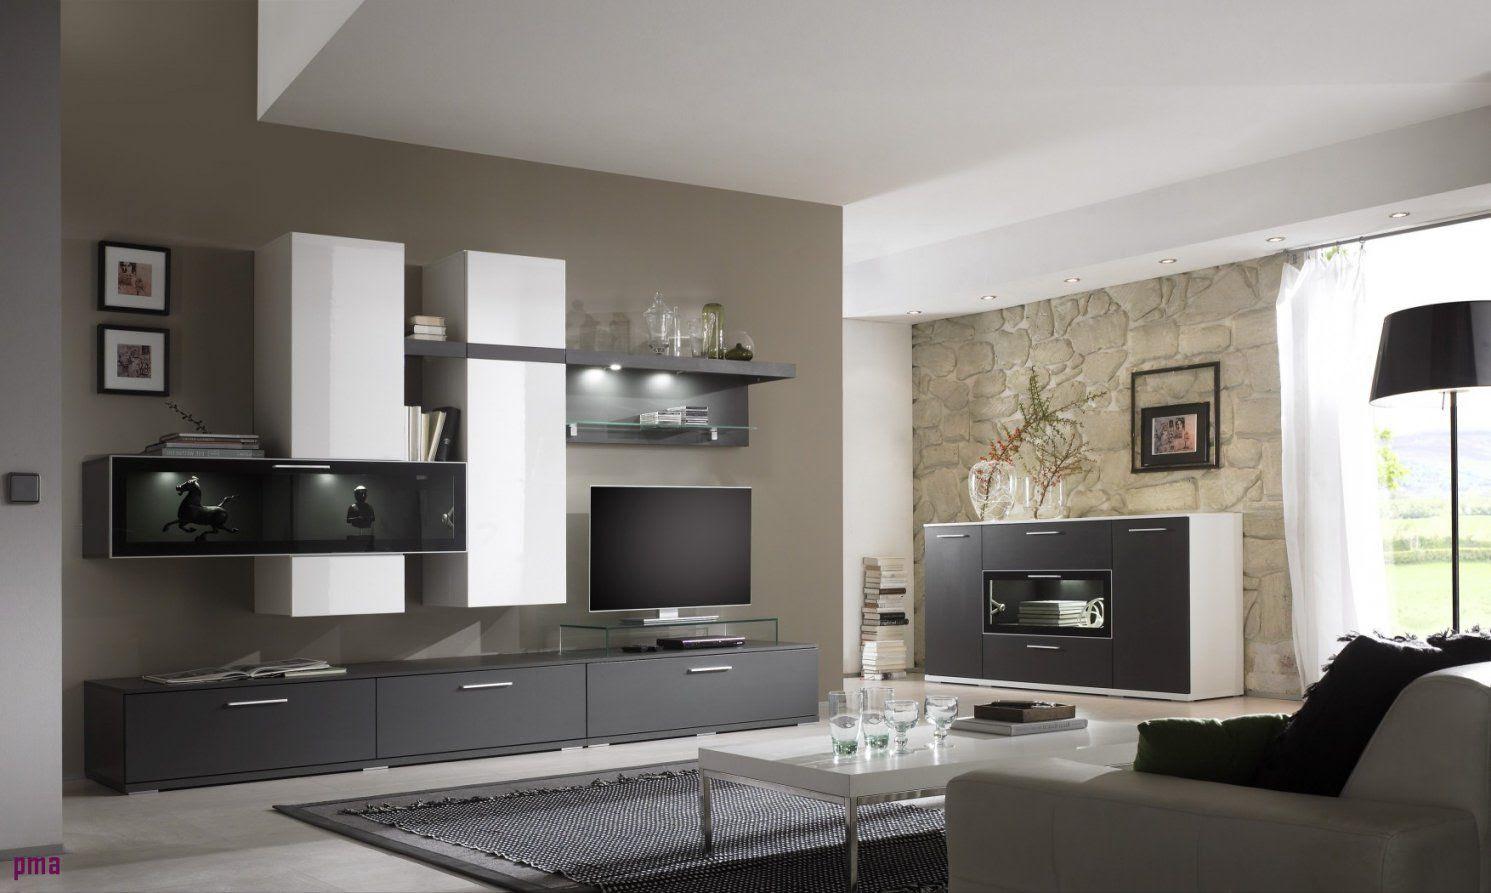 Kuche Petrol Streichen - Küchen Studio